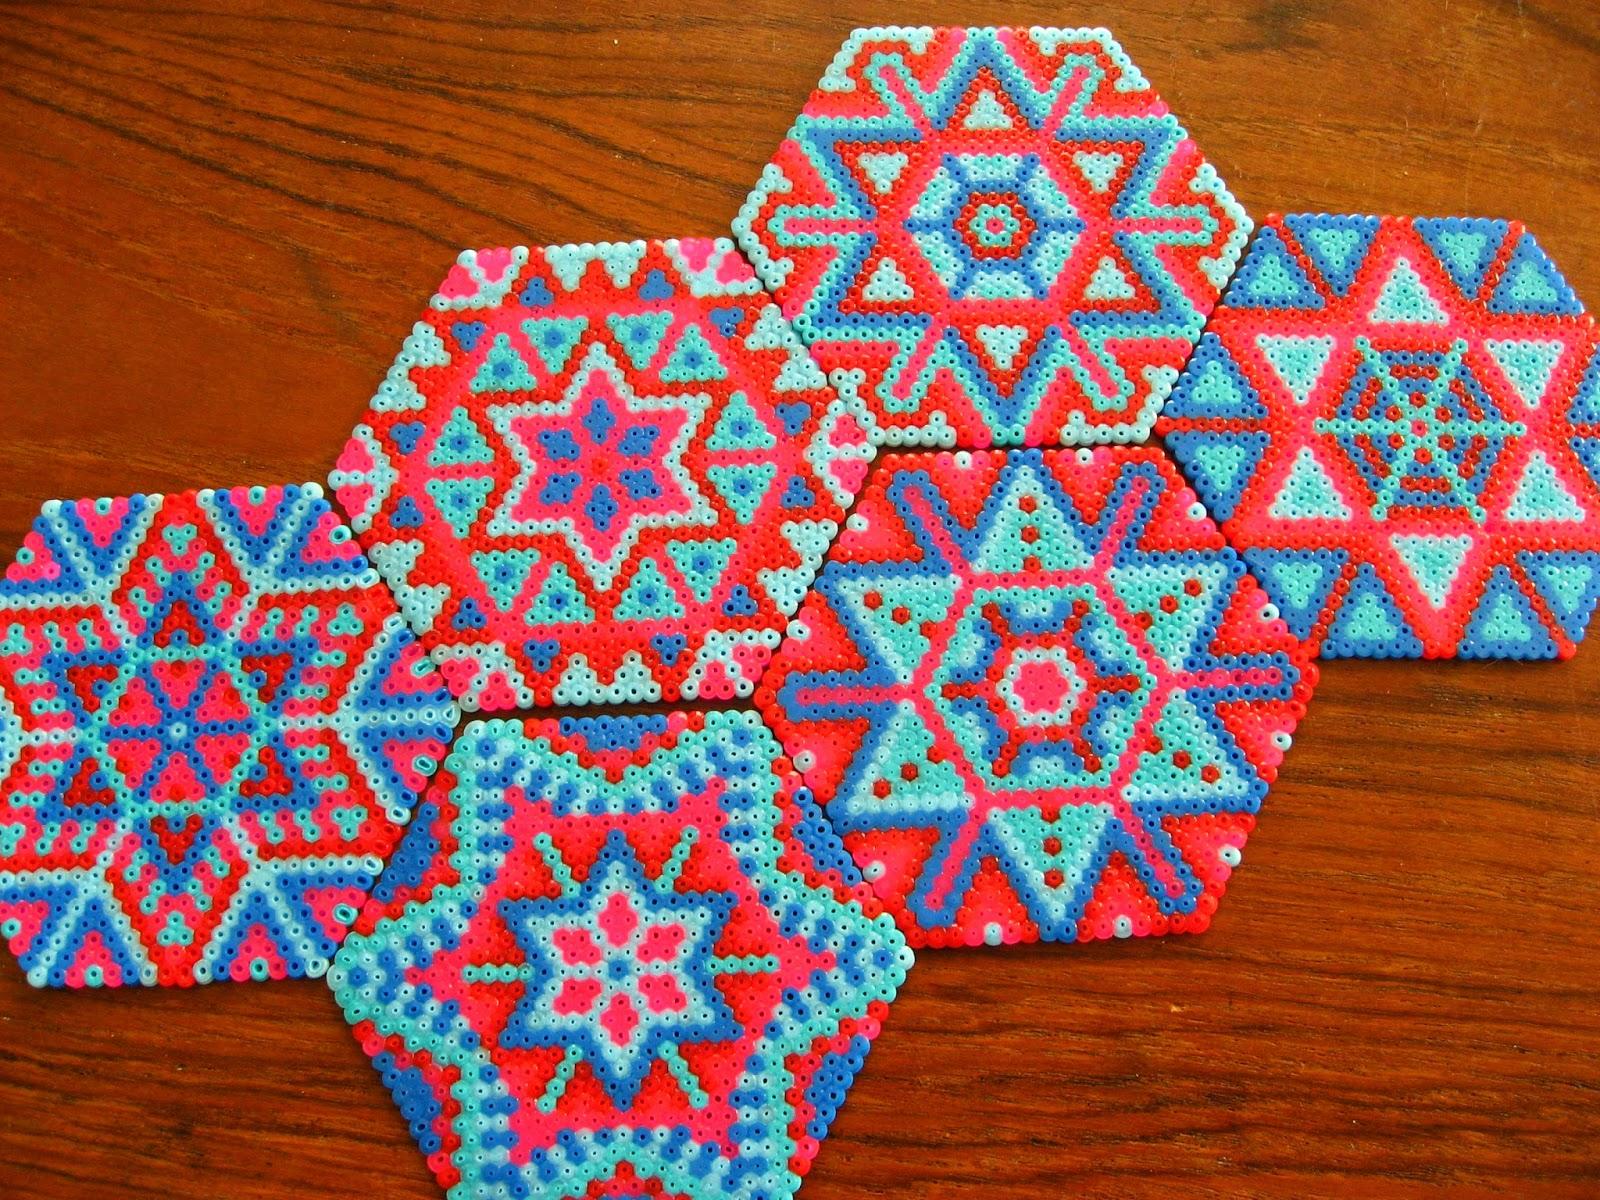 Oklyous Creative World Hama Bead Coasters